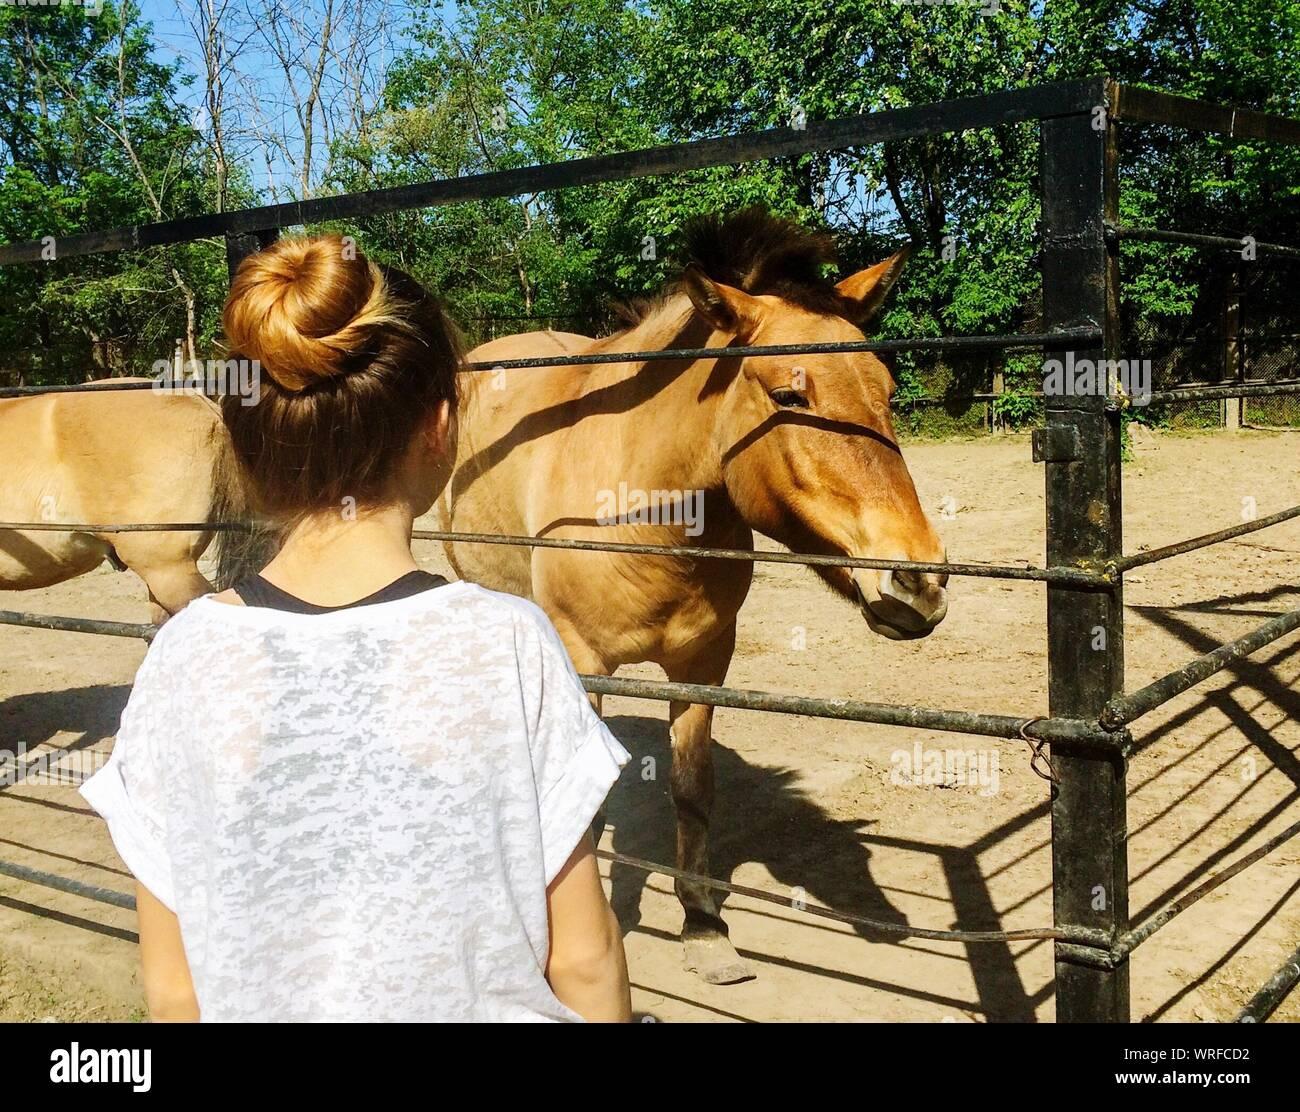 Vista trasera de la Mujer de pie a caballo en el campo durante el día soleado Foto de stock